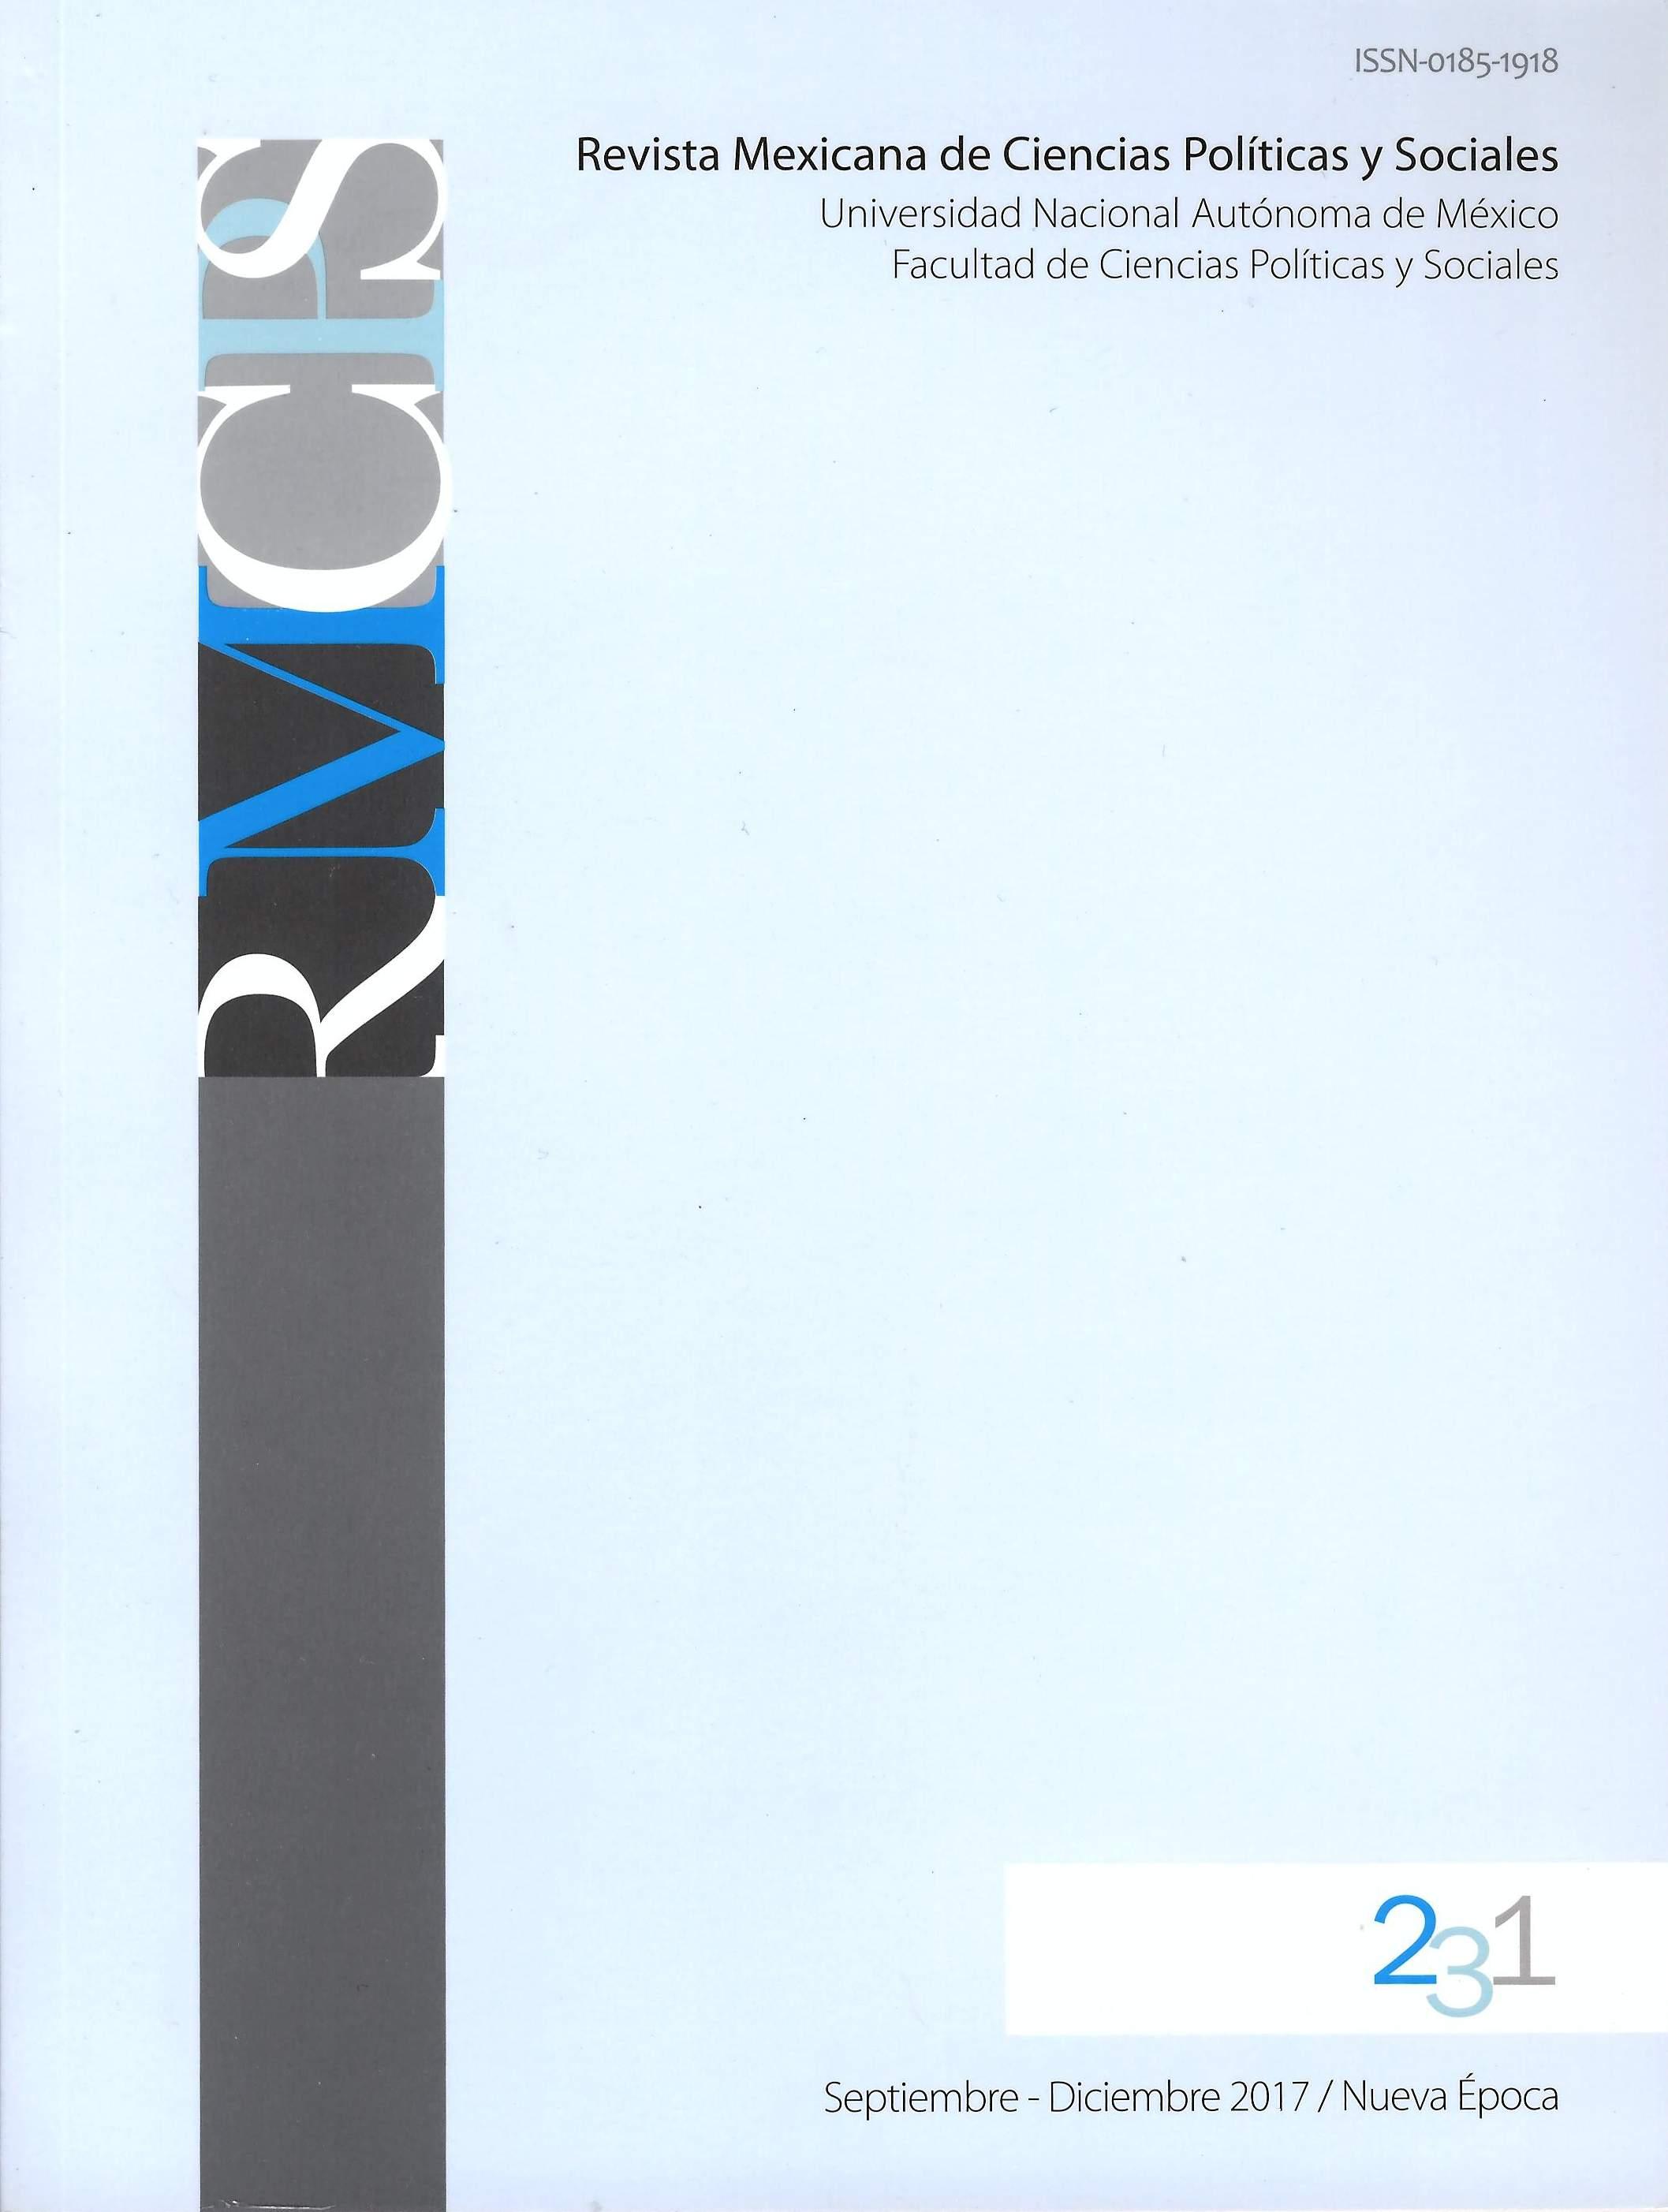 Revista mexicana de ciencias políticas y sociales 231, septiembre-diciembre, 2017